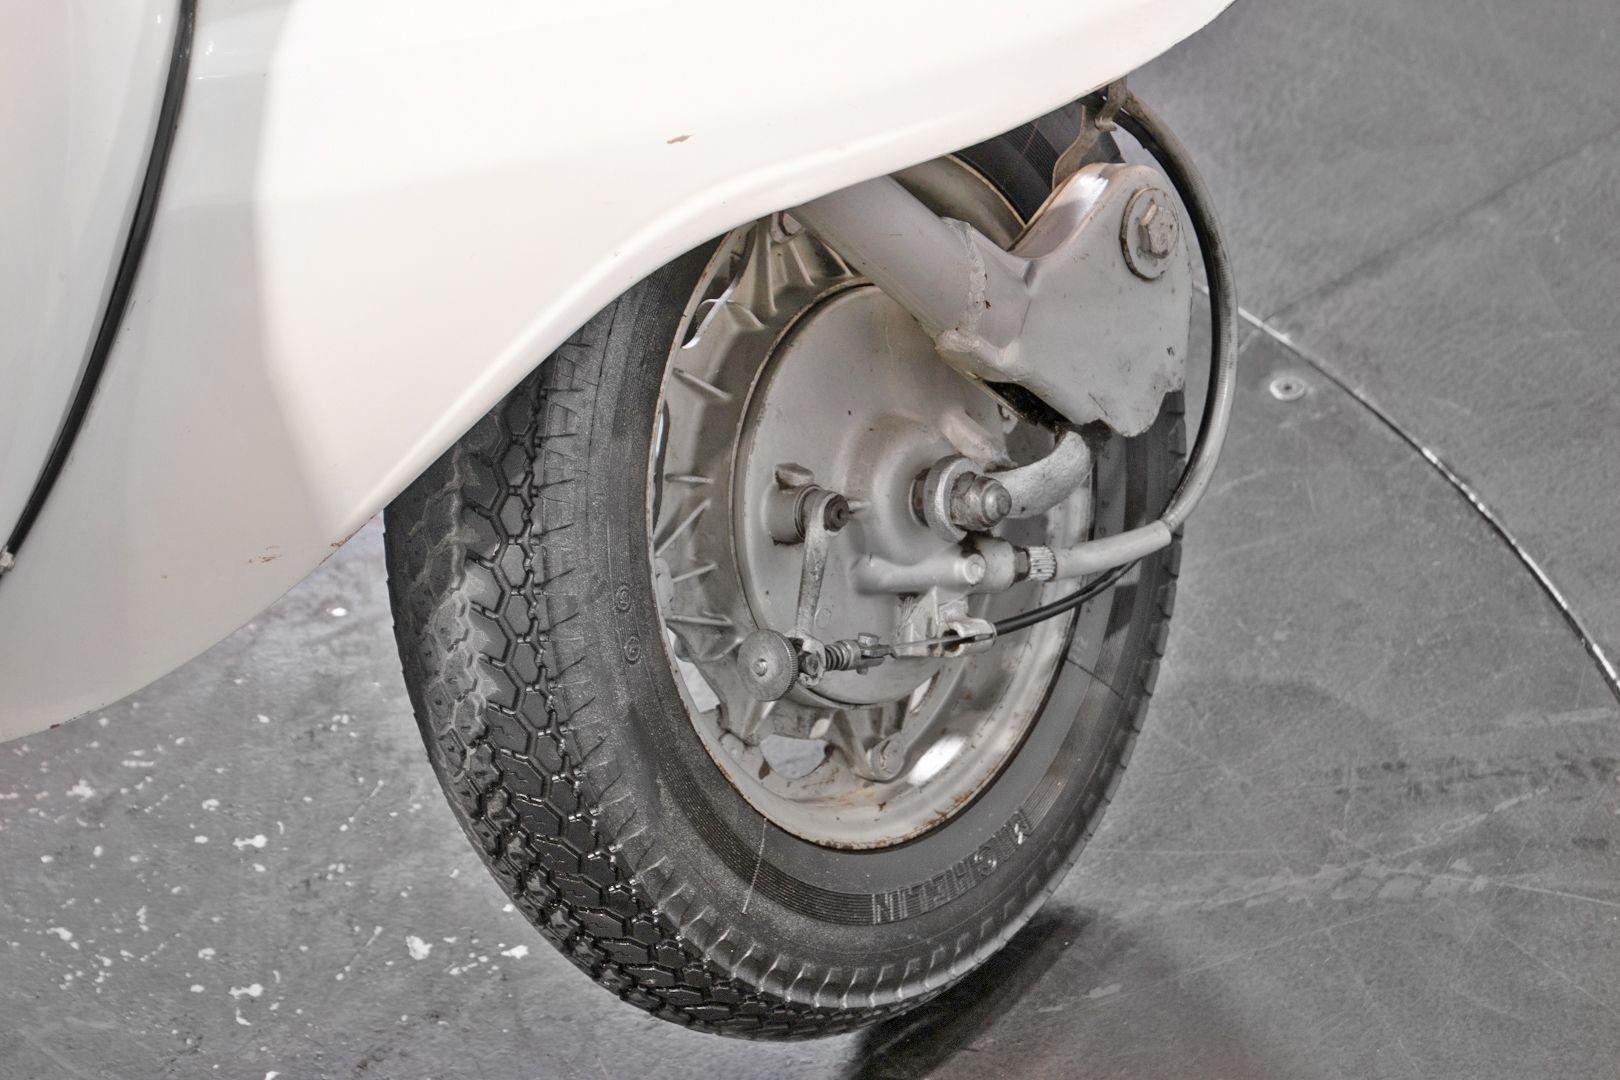 1970 Innocenti Lambretta 150 DL 38672